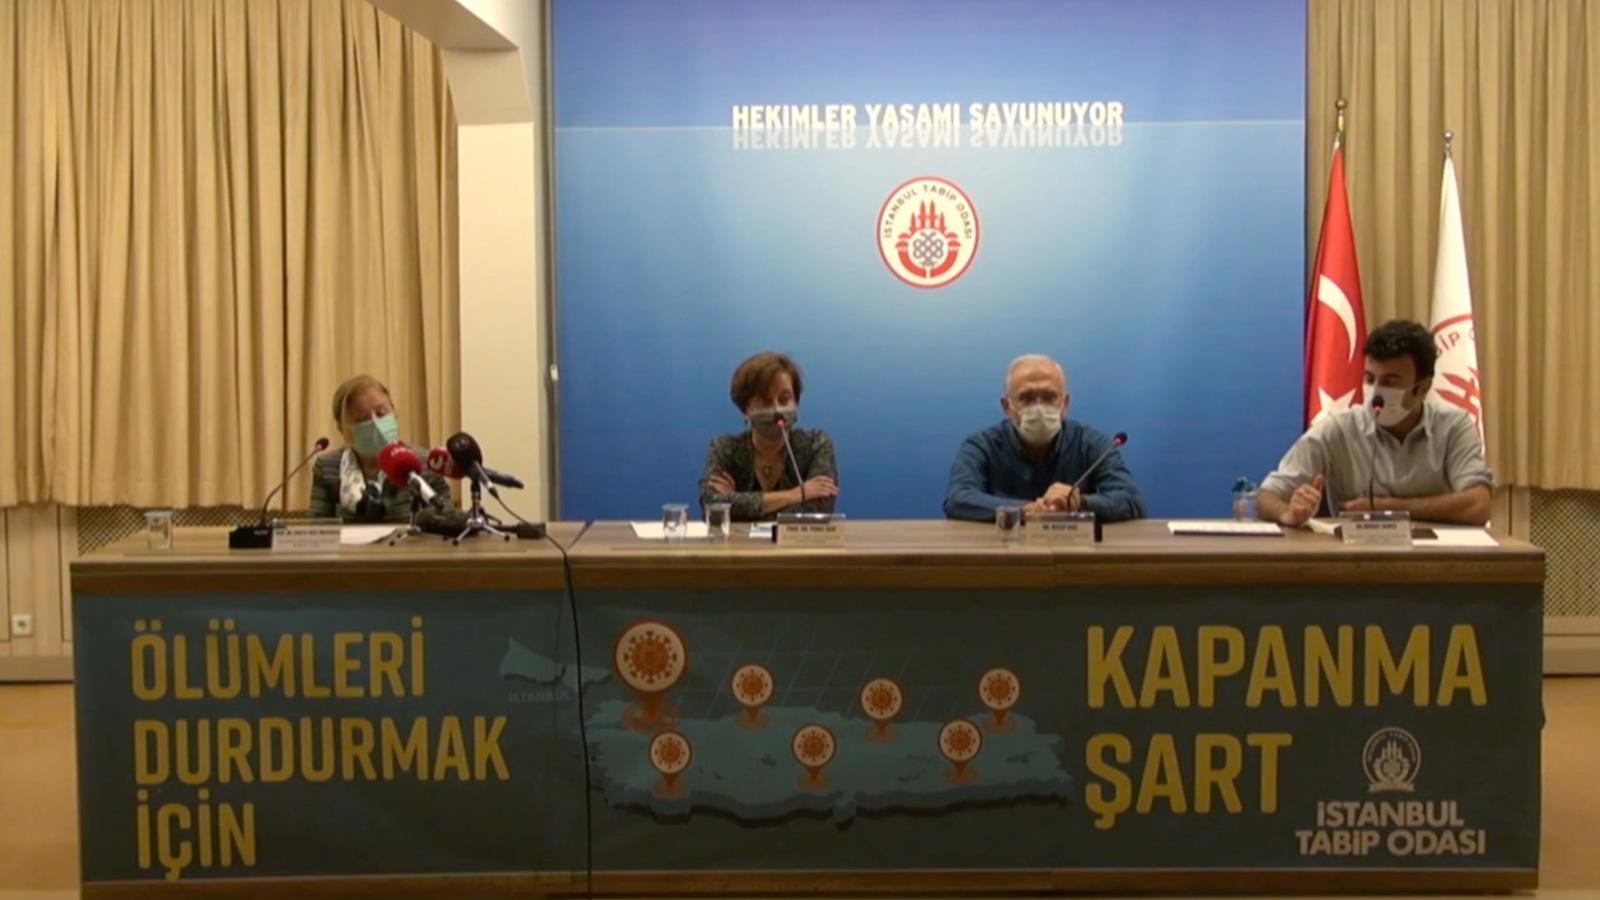 Basın Toplantısı: Yarım Tedbir Yetmez Tam Kapanma Şart!